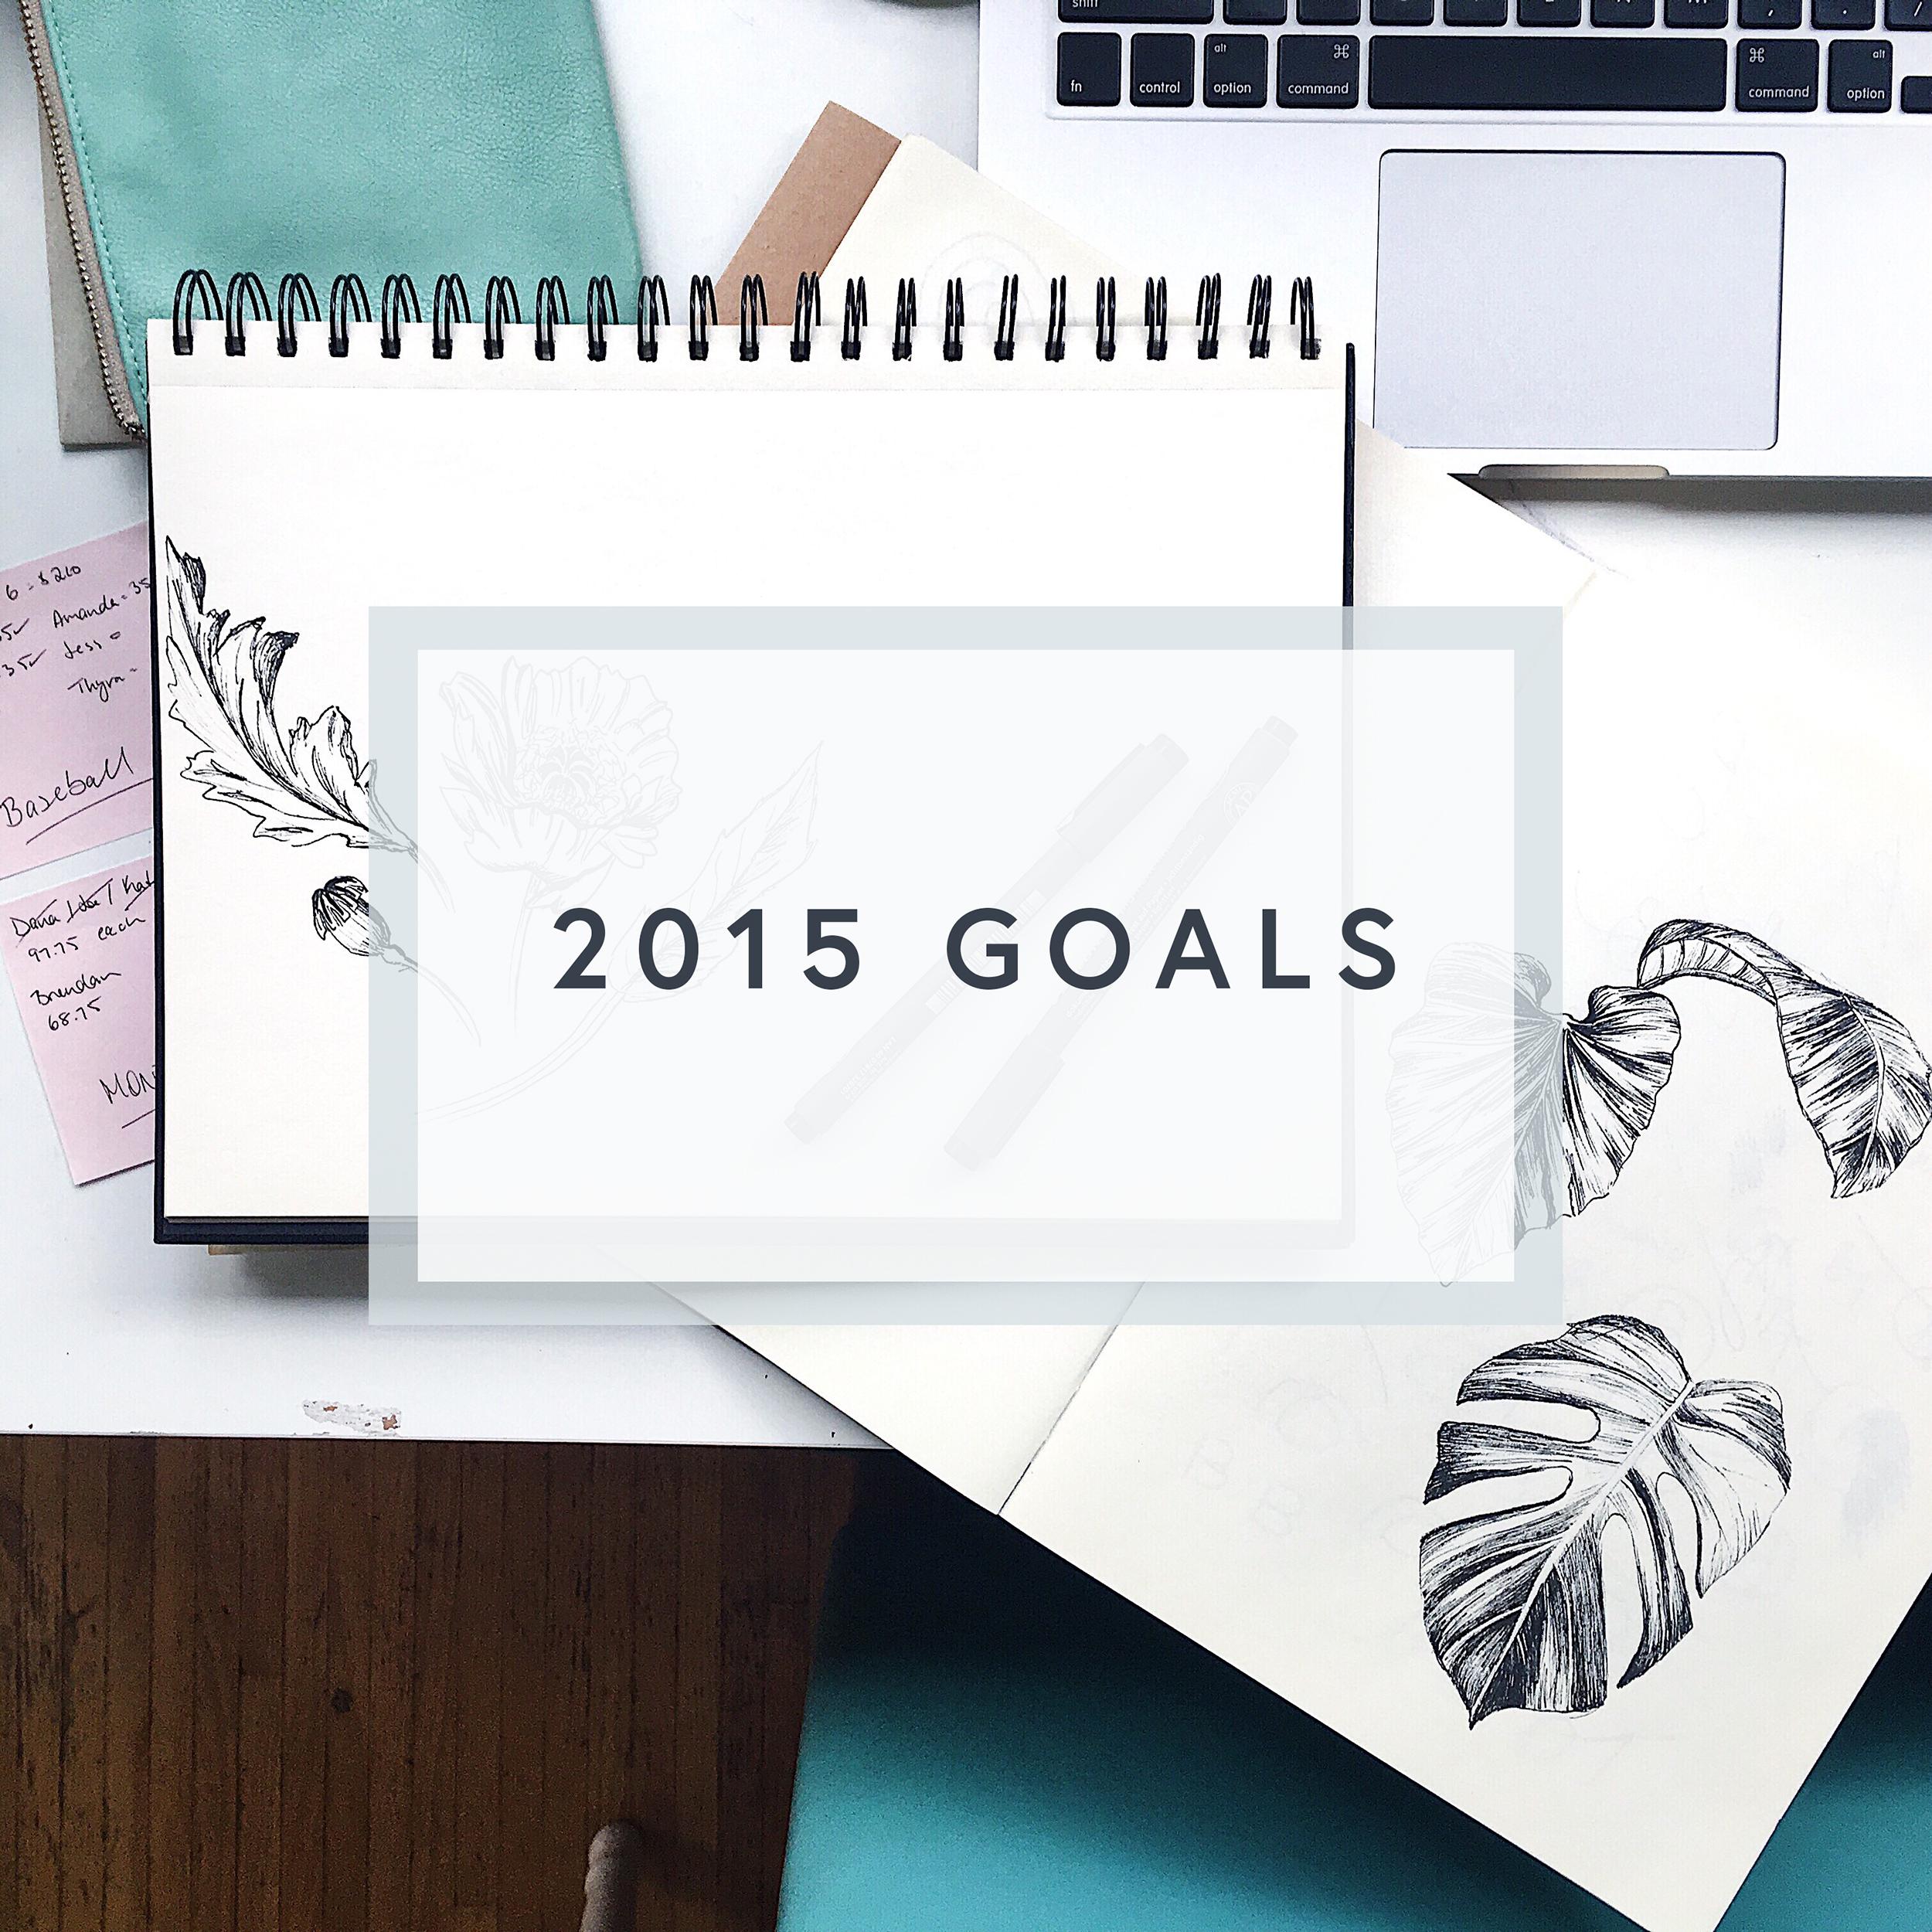 2015-goals.jpg